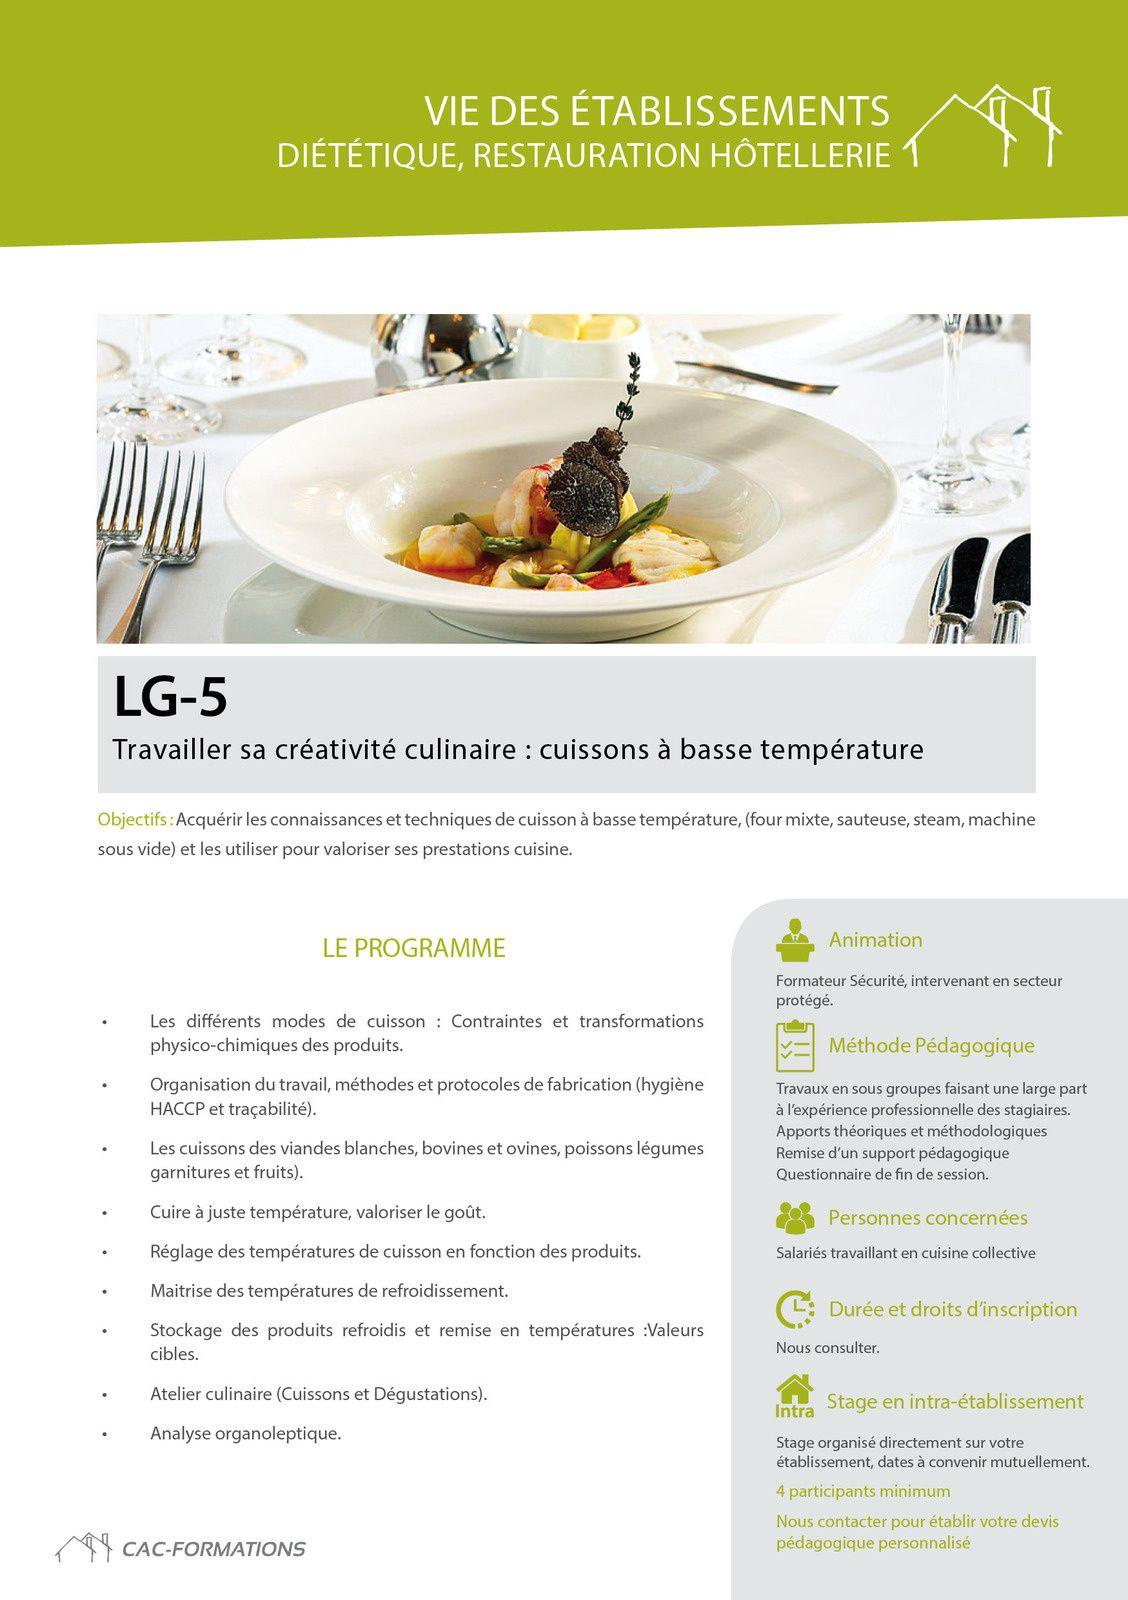 des formations Cuisine,Nutrition,diététique adaptées aux besoins en direct sur votre établissement :www:cac-formations.net